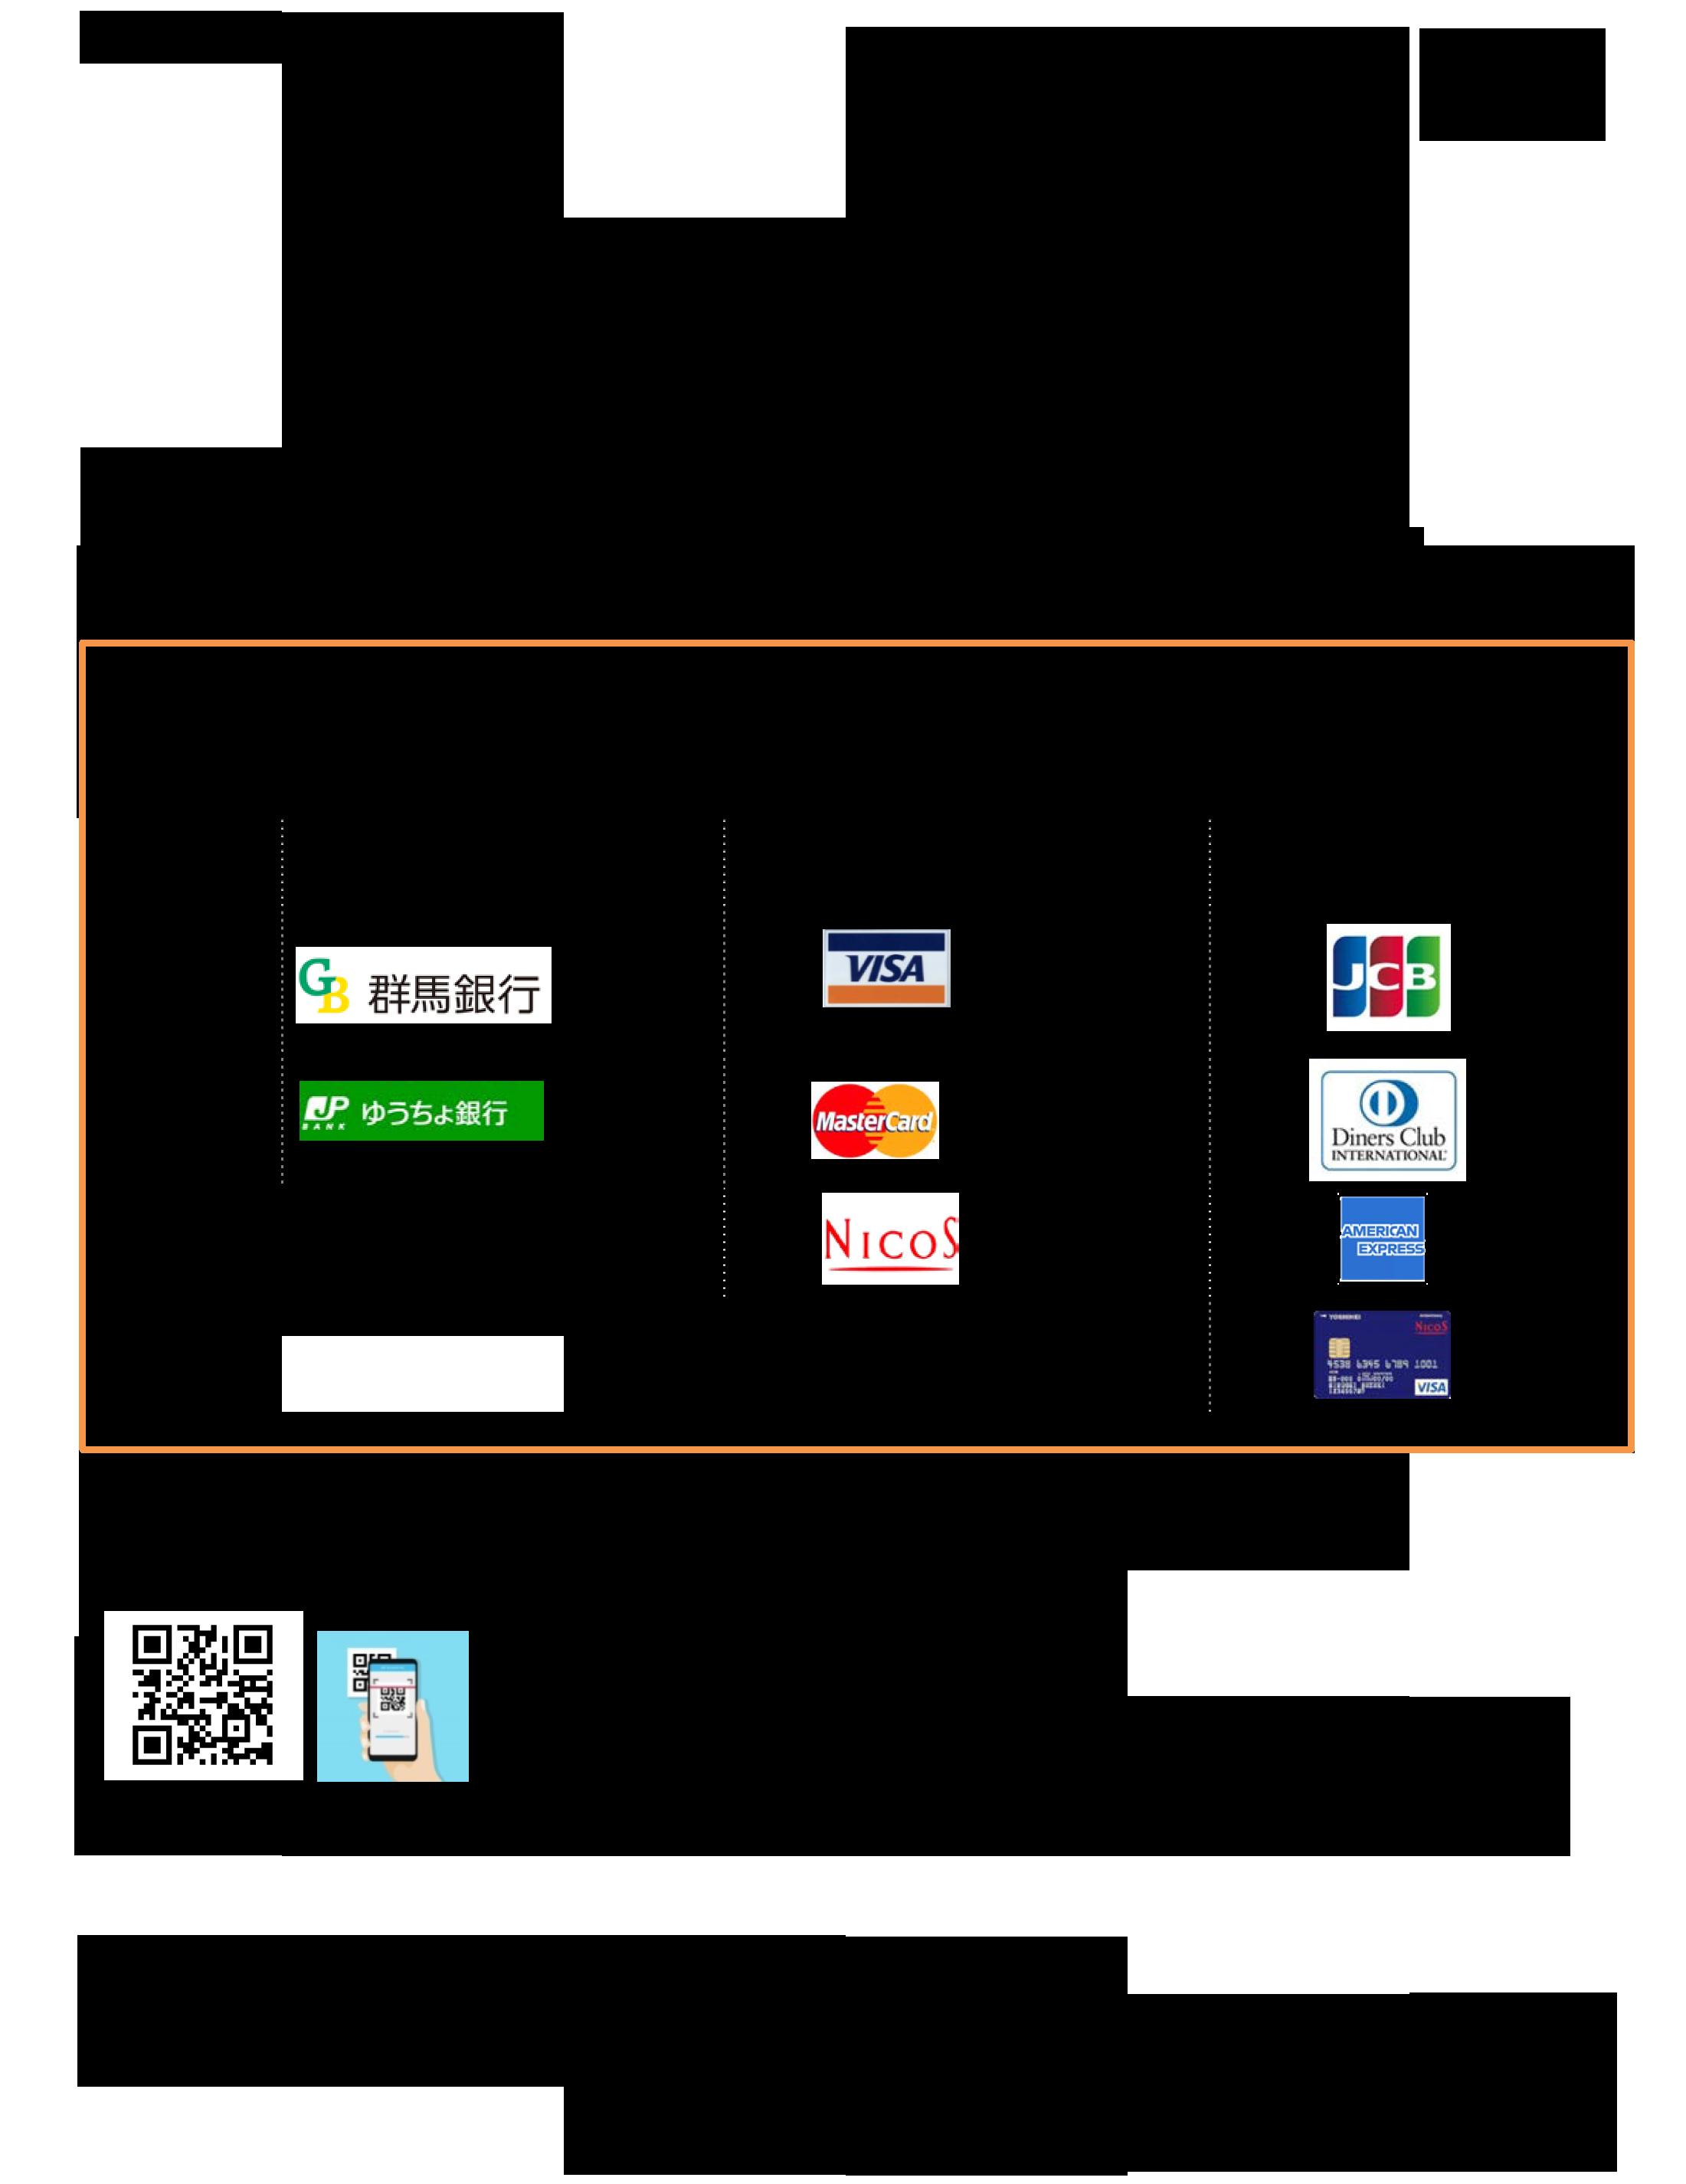 料金のお支払い方法(群馬支店).png